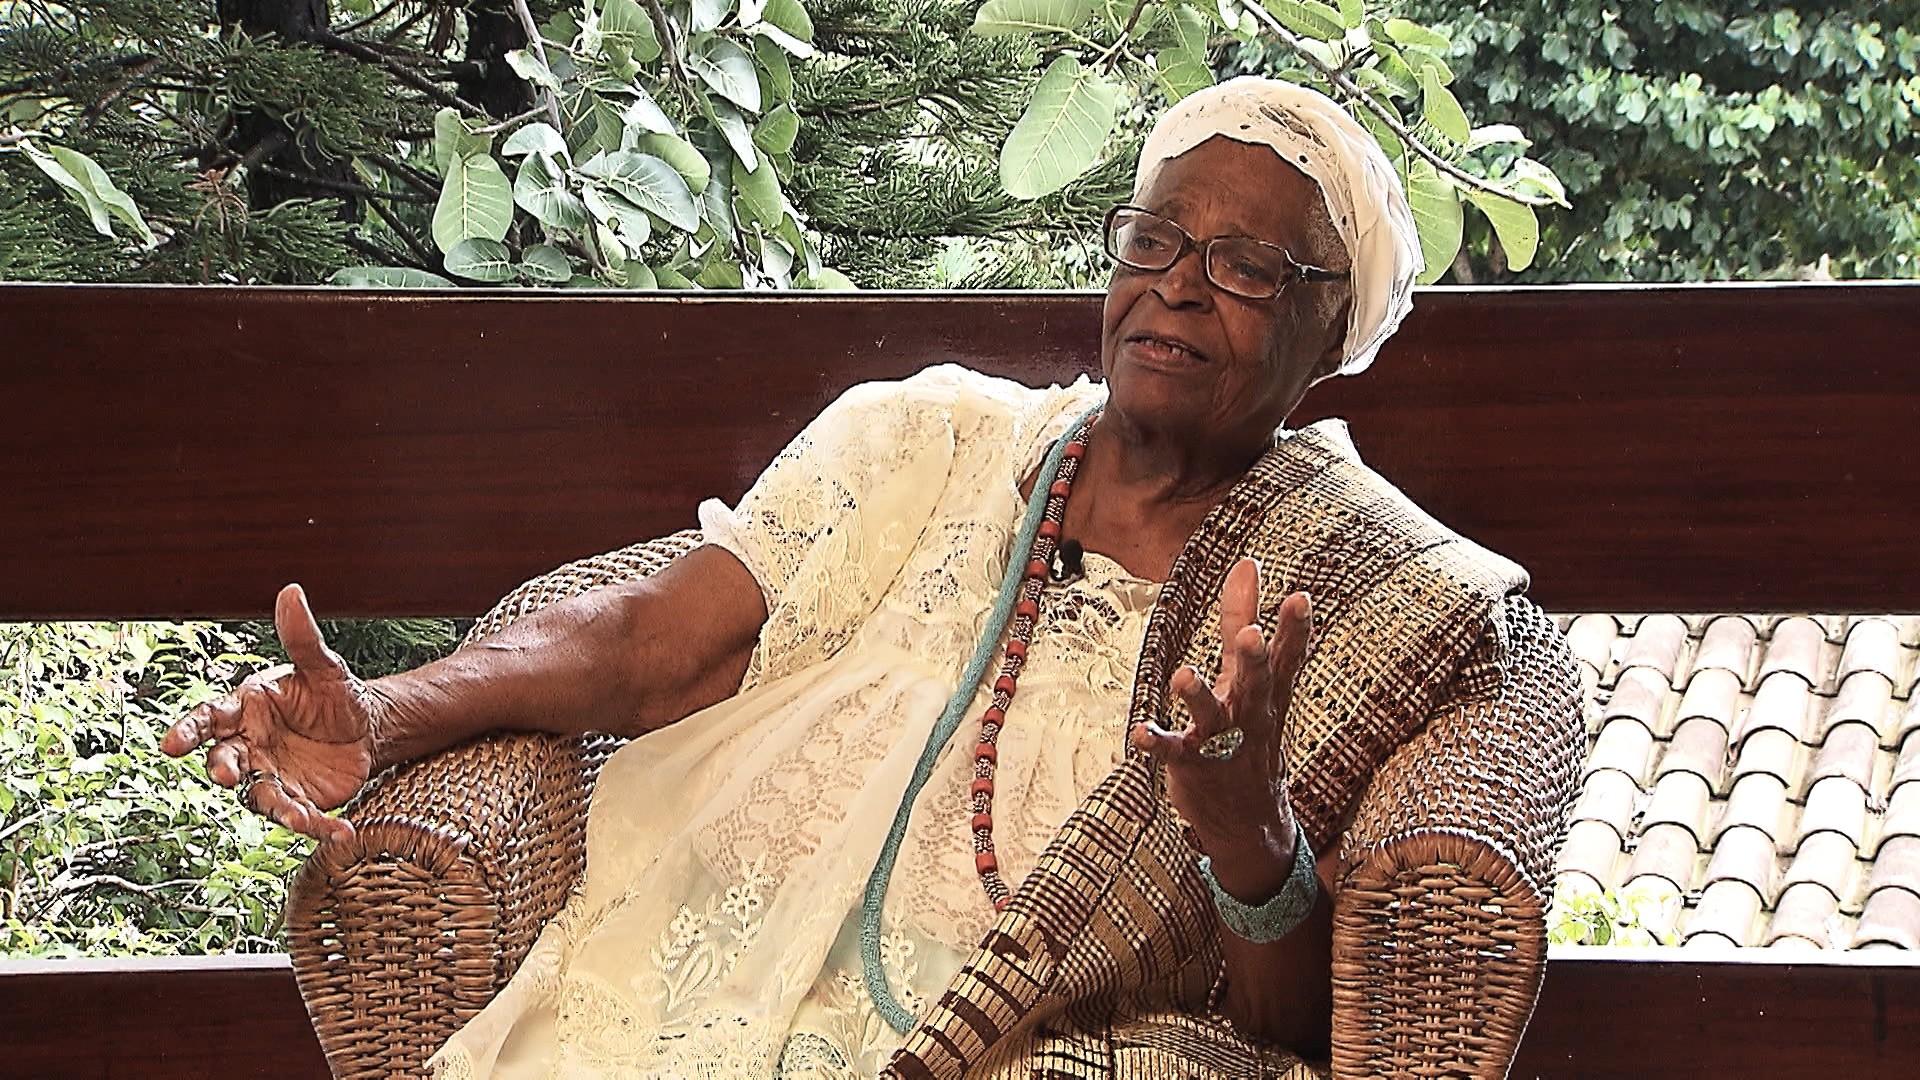 Mãe Stella faz reflexões sobre velhice e espiritualidade em entrevista ao quadro Em Off (Foto: Divulgação)